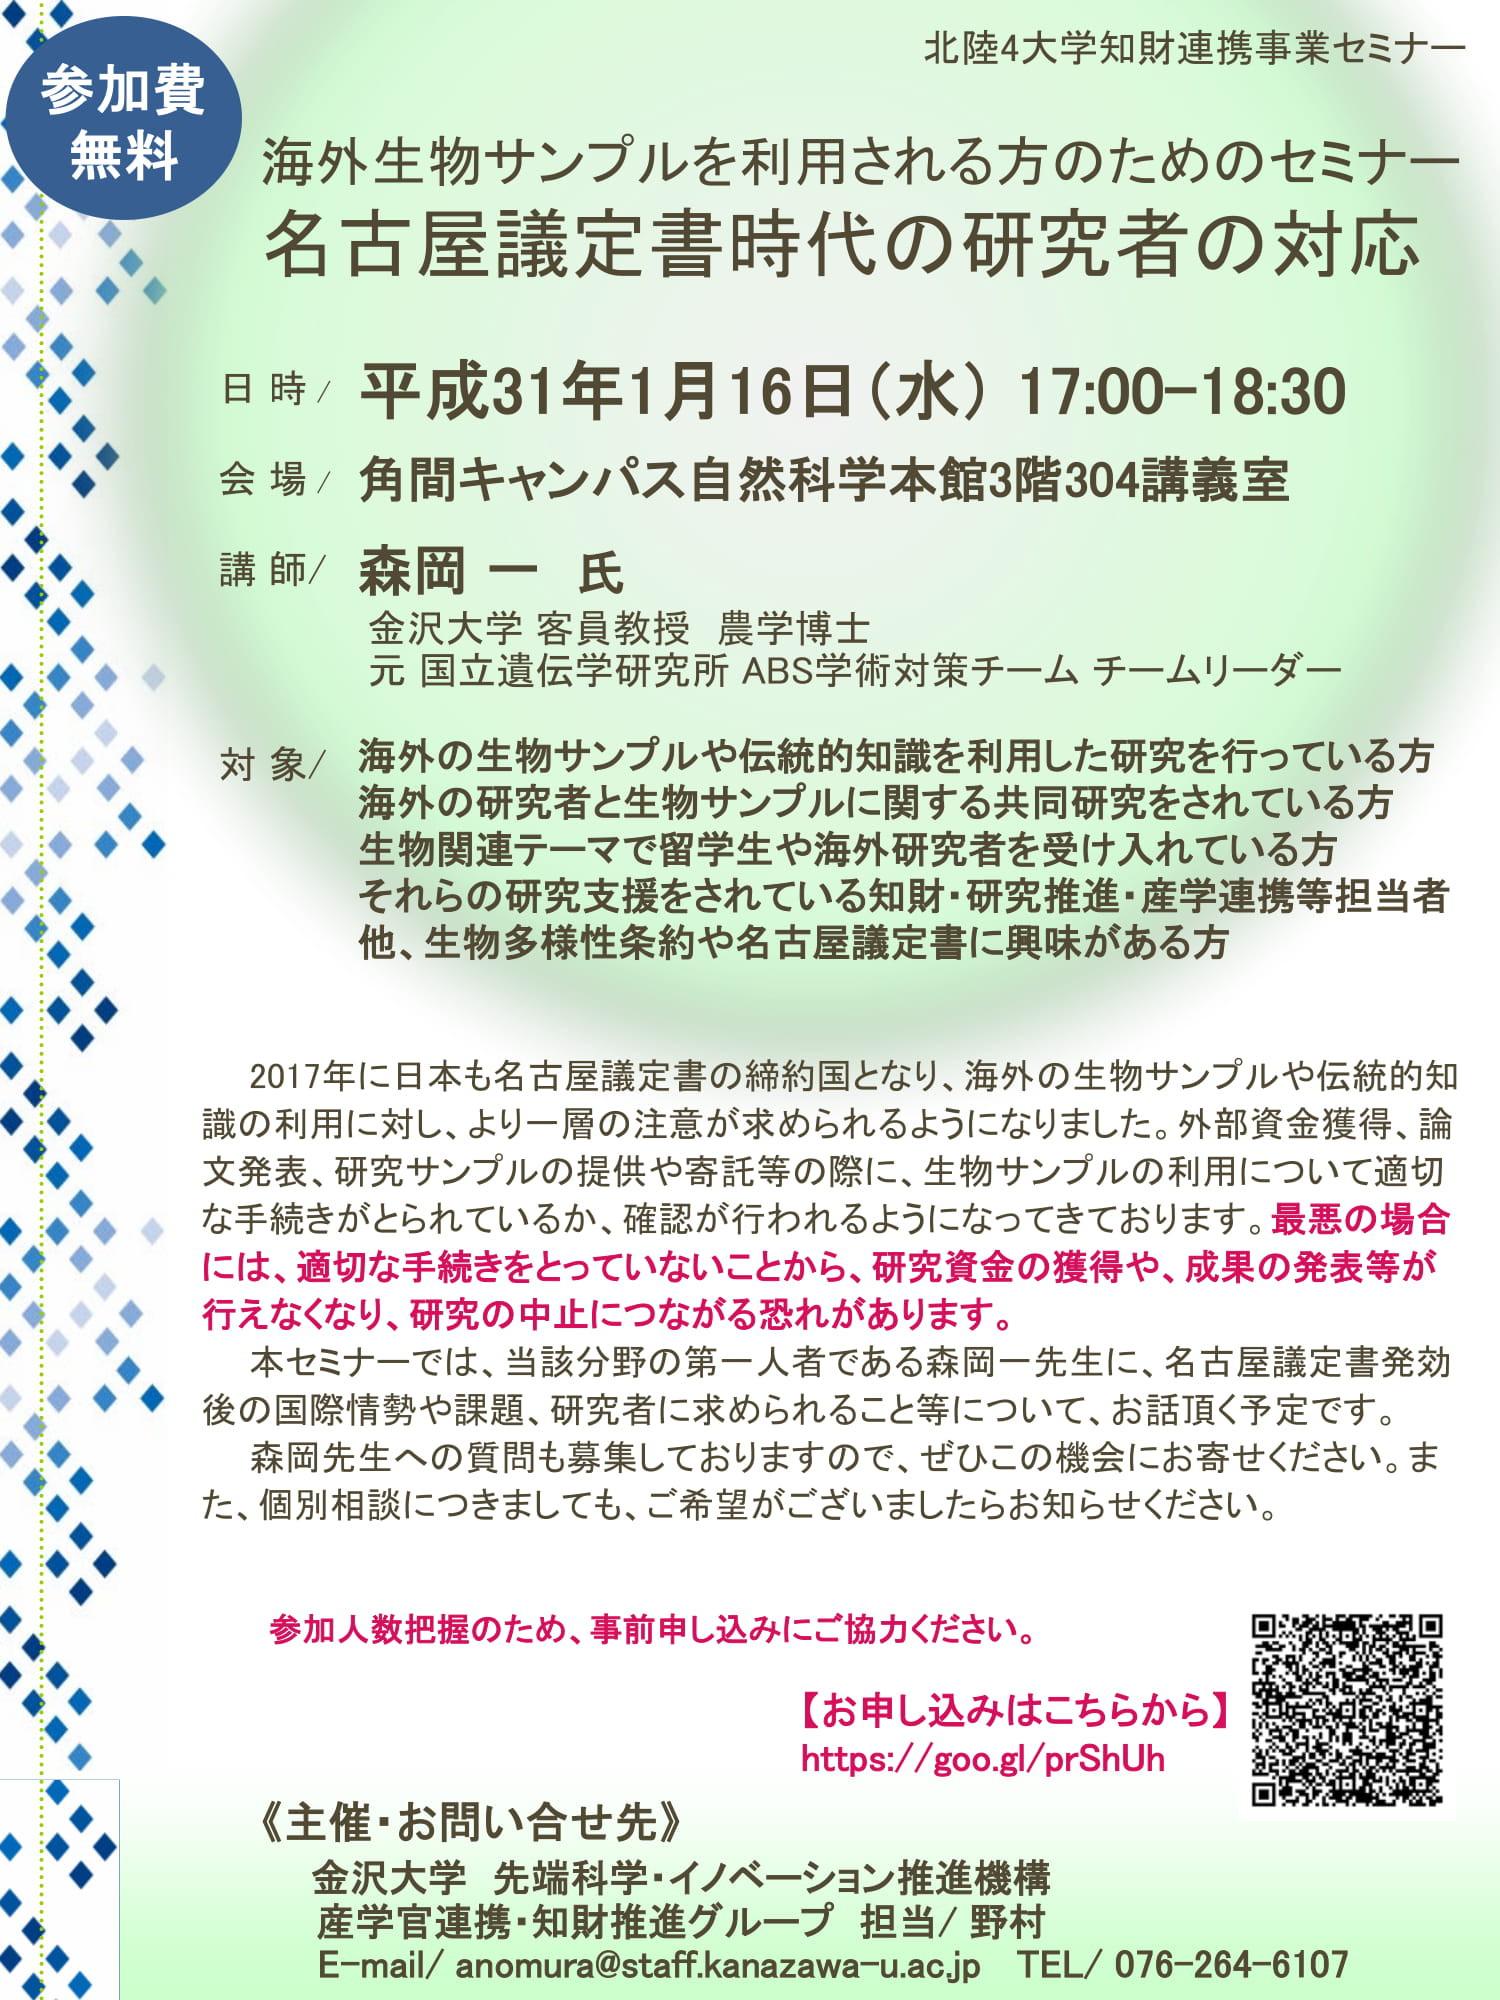 開催案内_海外生物サンプル利用セミナー2019-1.jpg